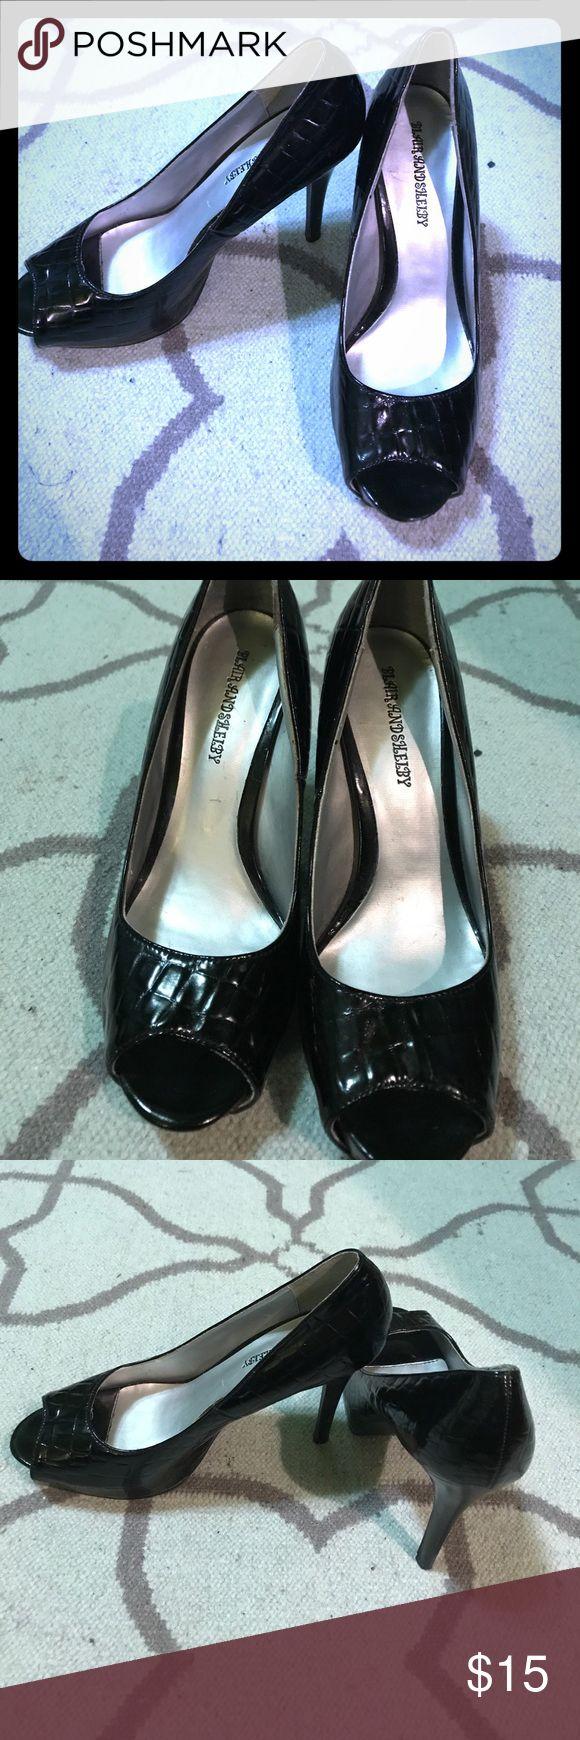 Blair and Shelby Black Peep Toe Heels Blair and Shelby Black Peep Toe Heels Blair and Shelby Shoes Heels